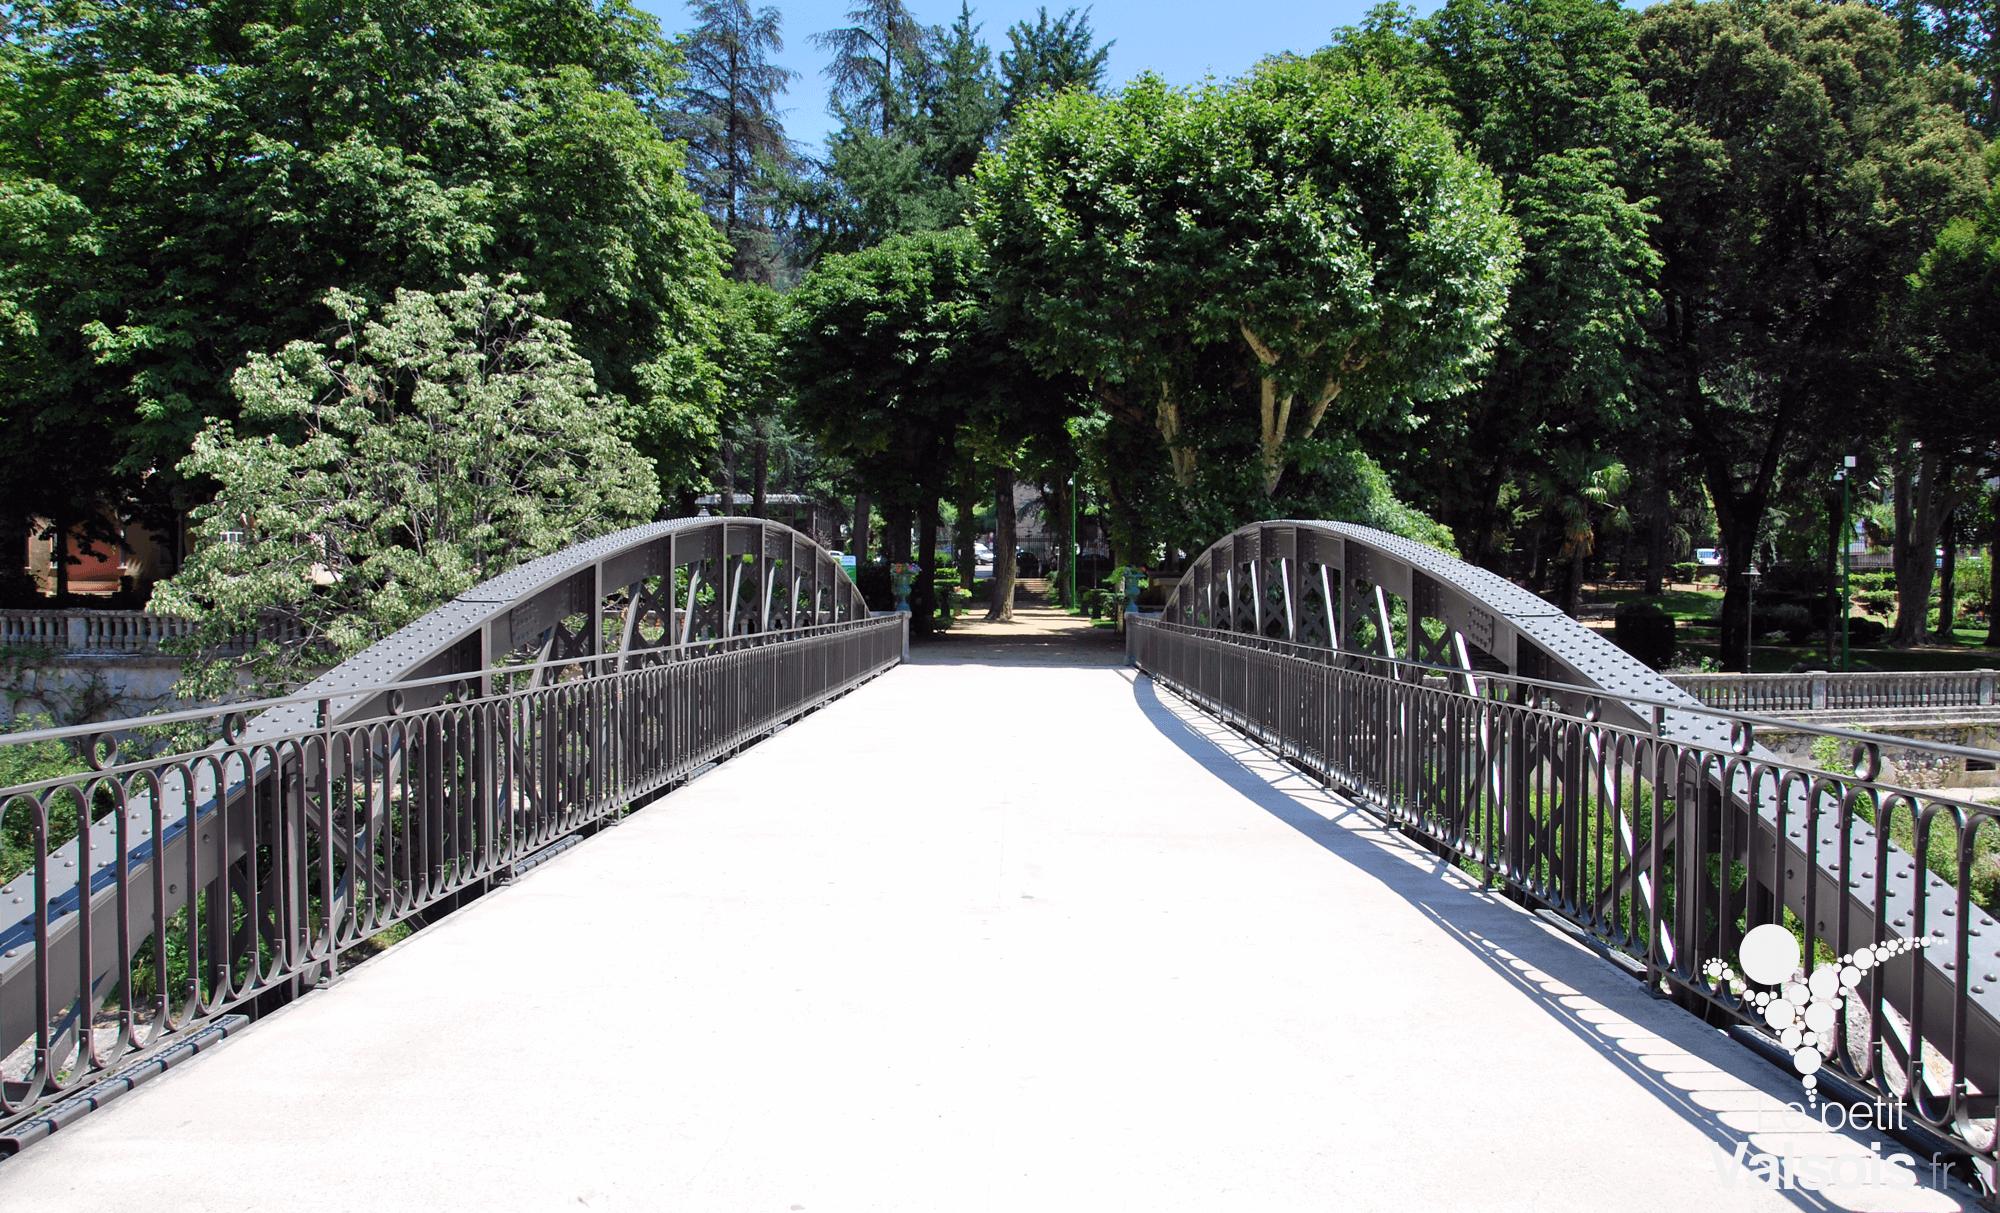 Le pont Eiffel de Vals-les-Bains